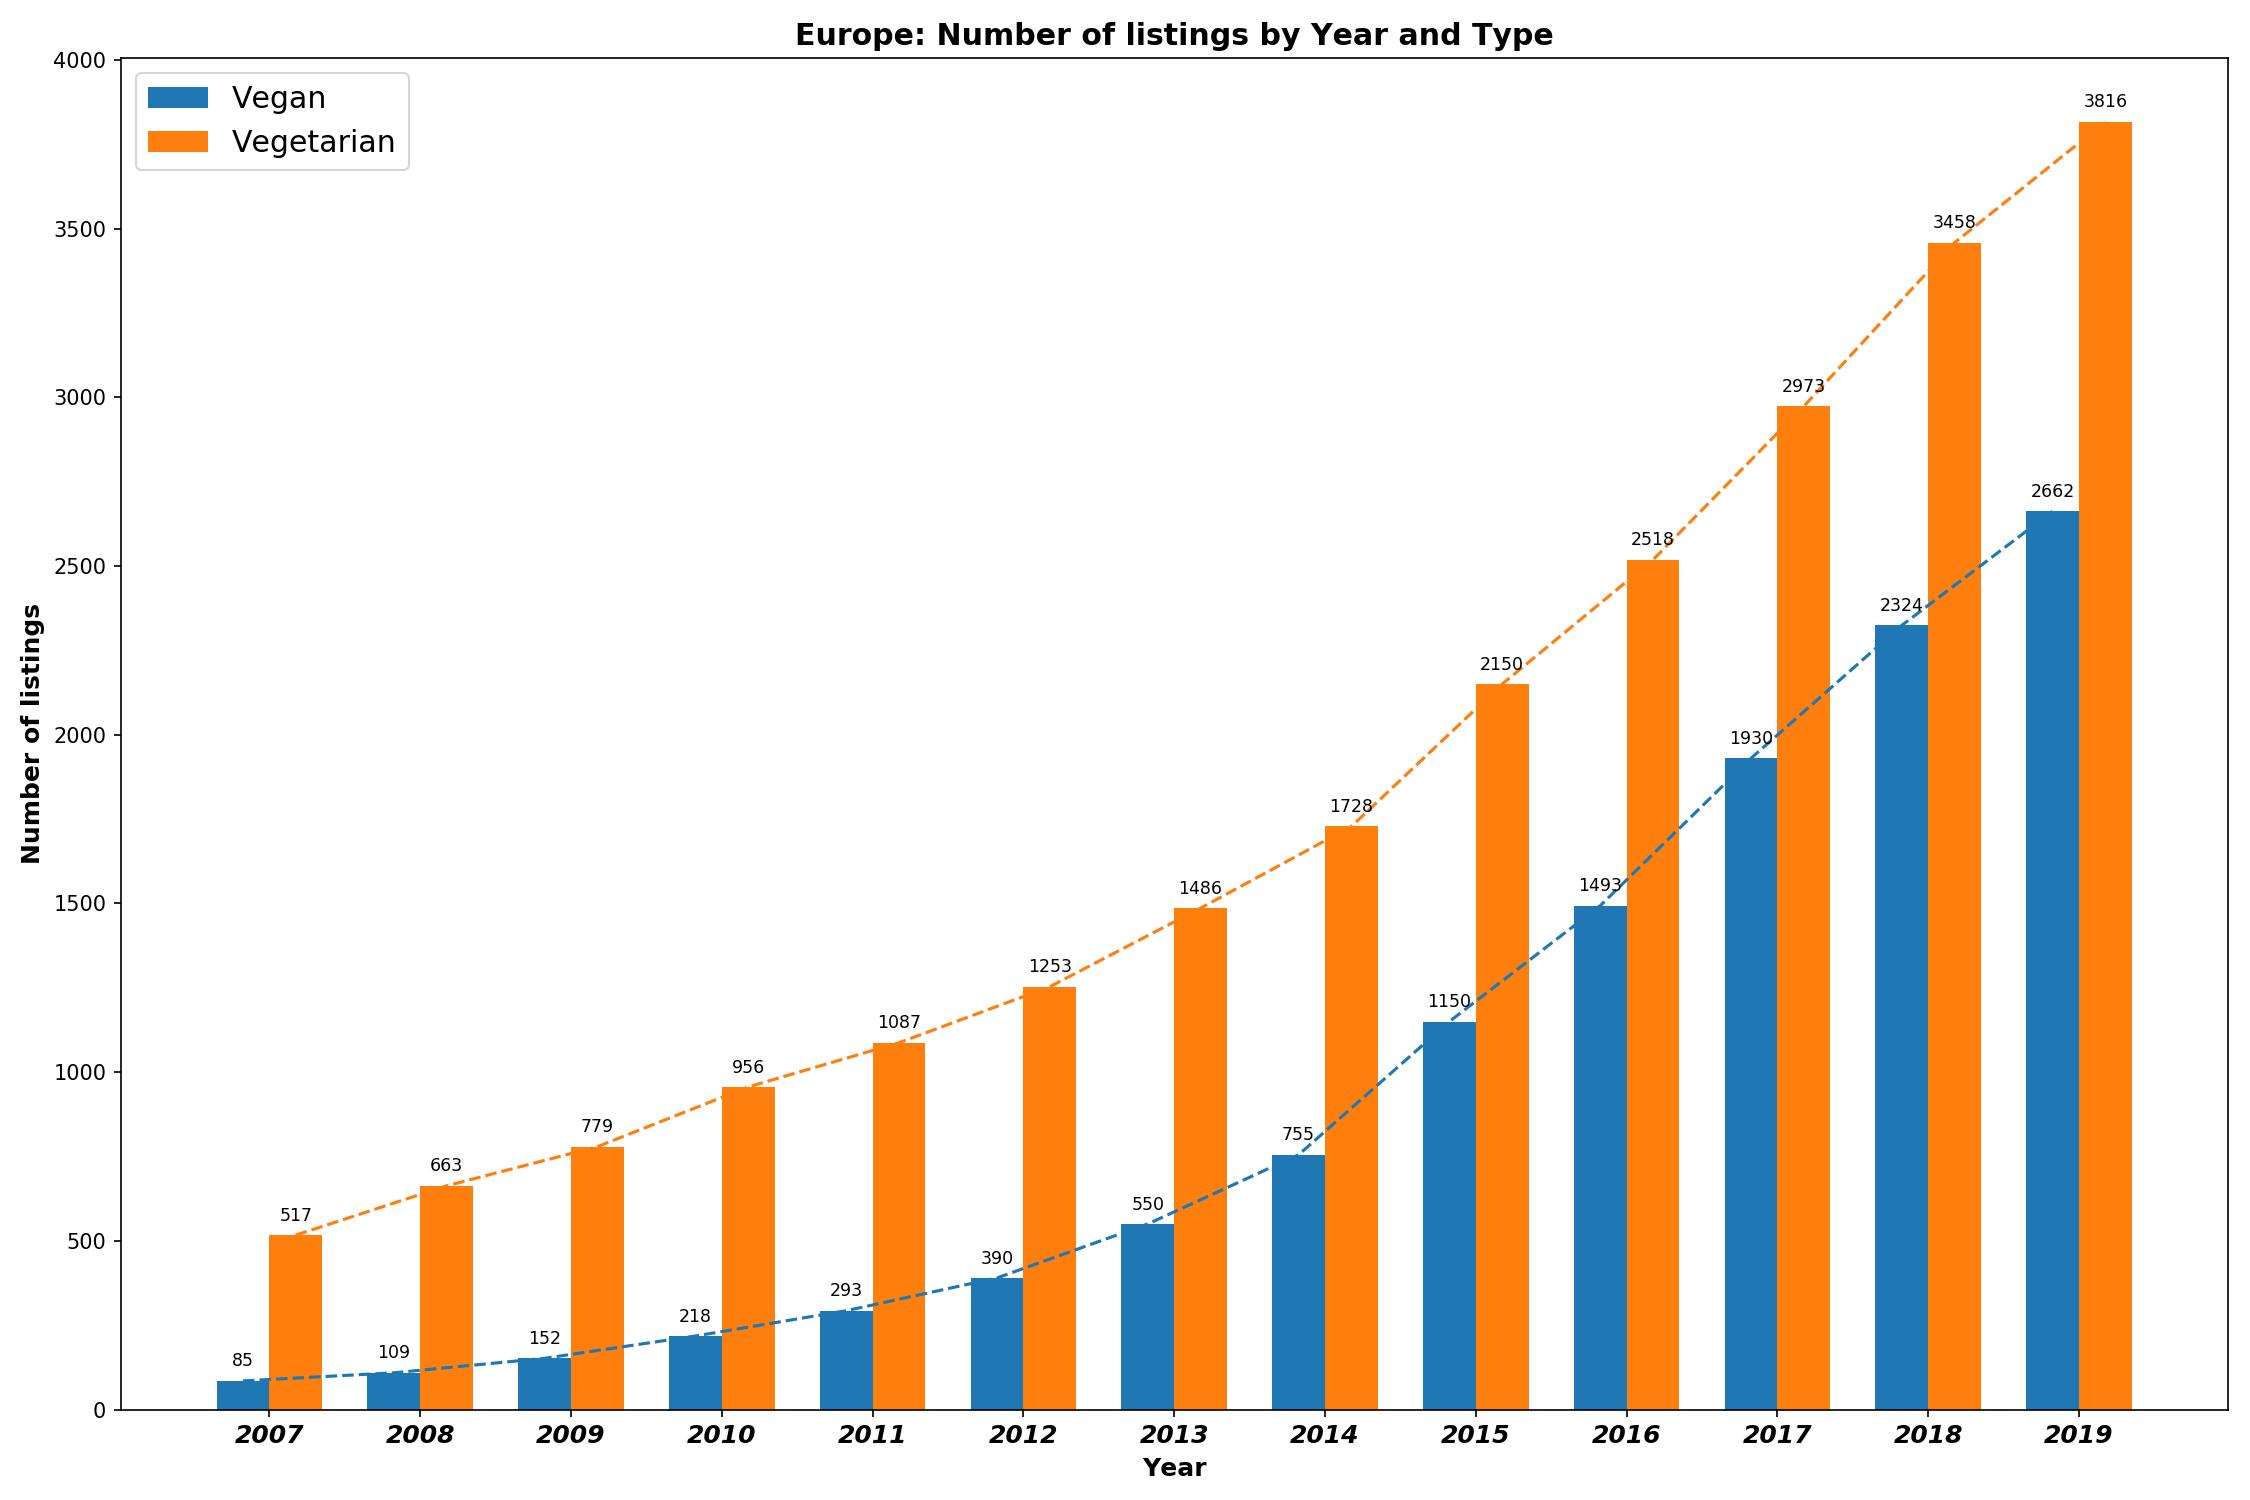 Growth Of Vegan Restaurants In Europe